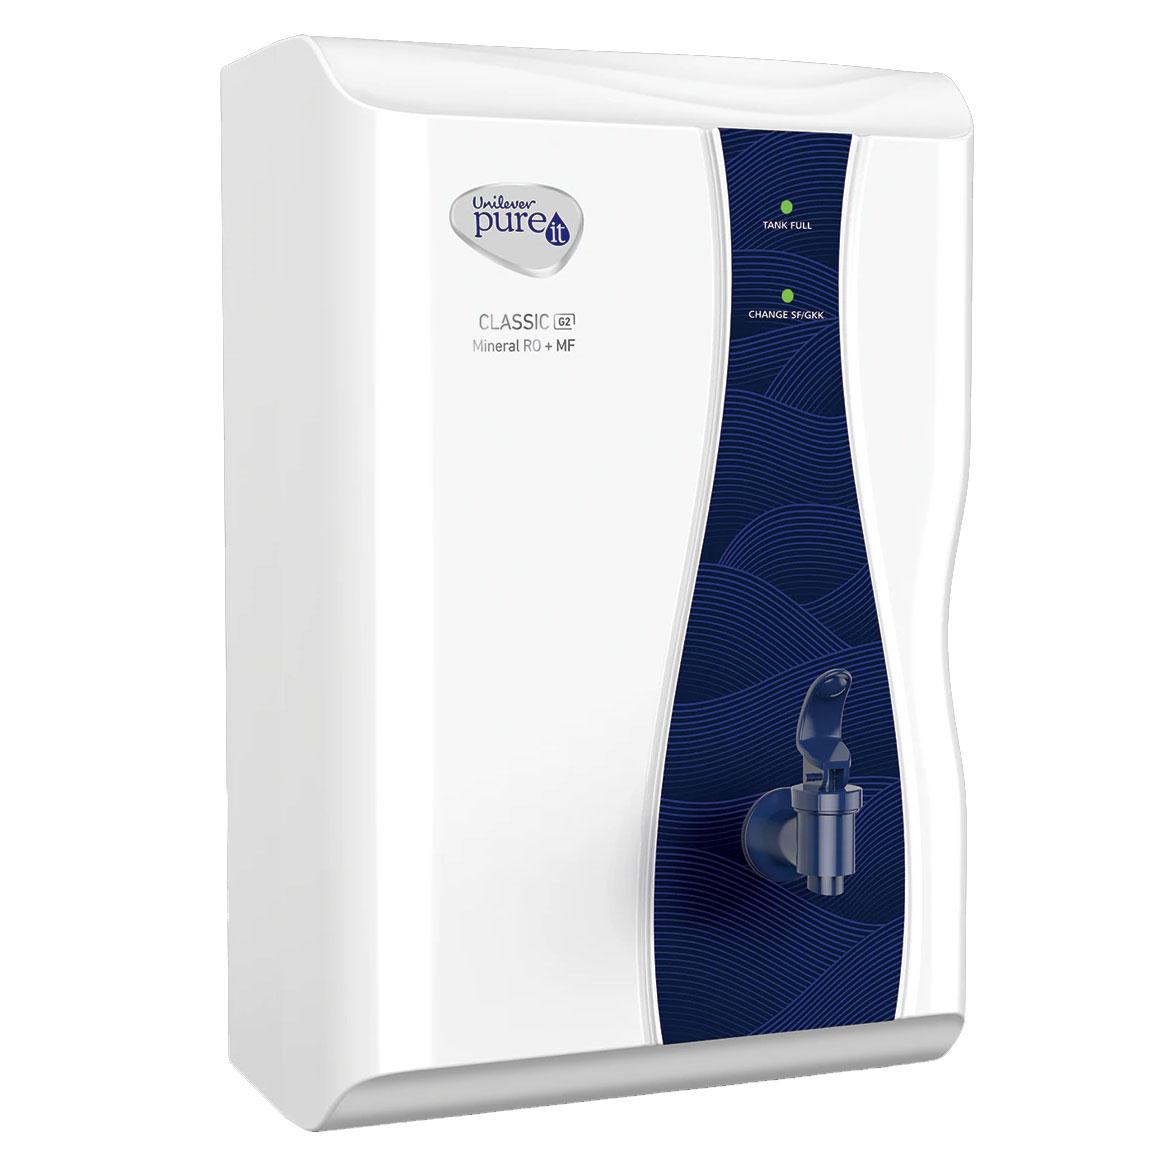 Hình ảnh máy lọc nước Pureit Casa G2 (Mineral RO + MF)